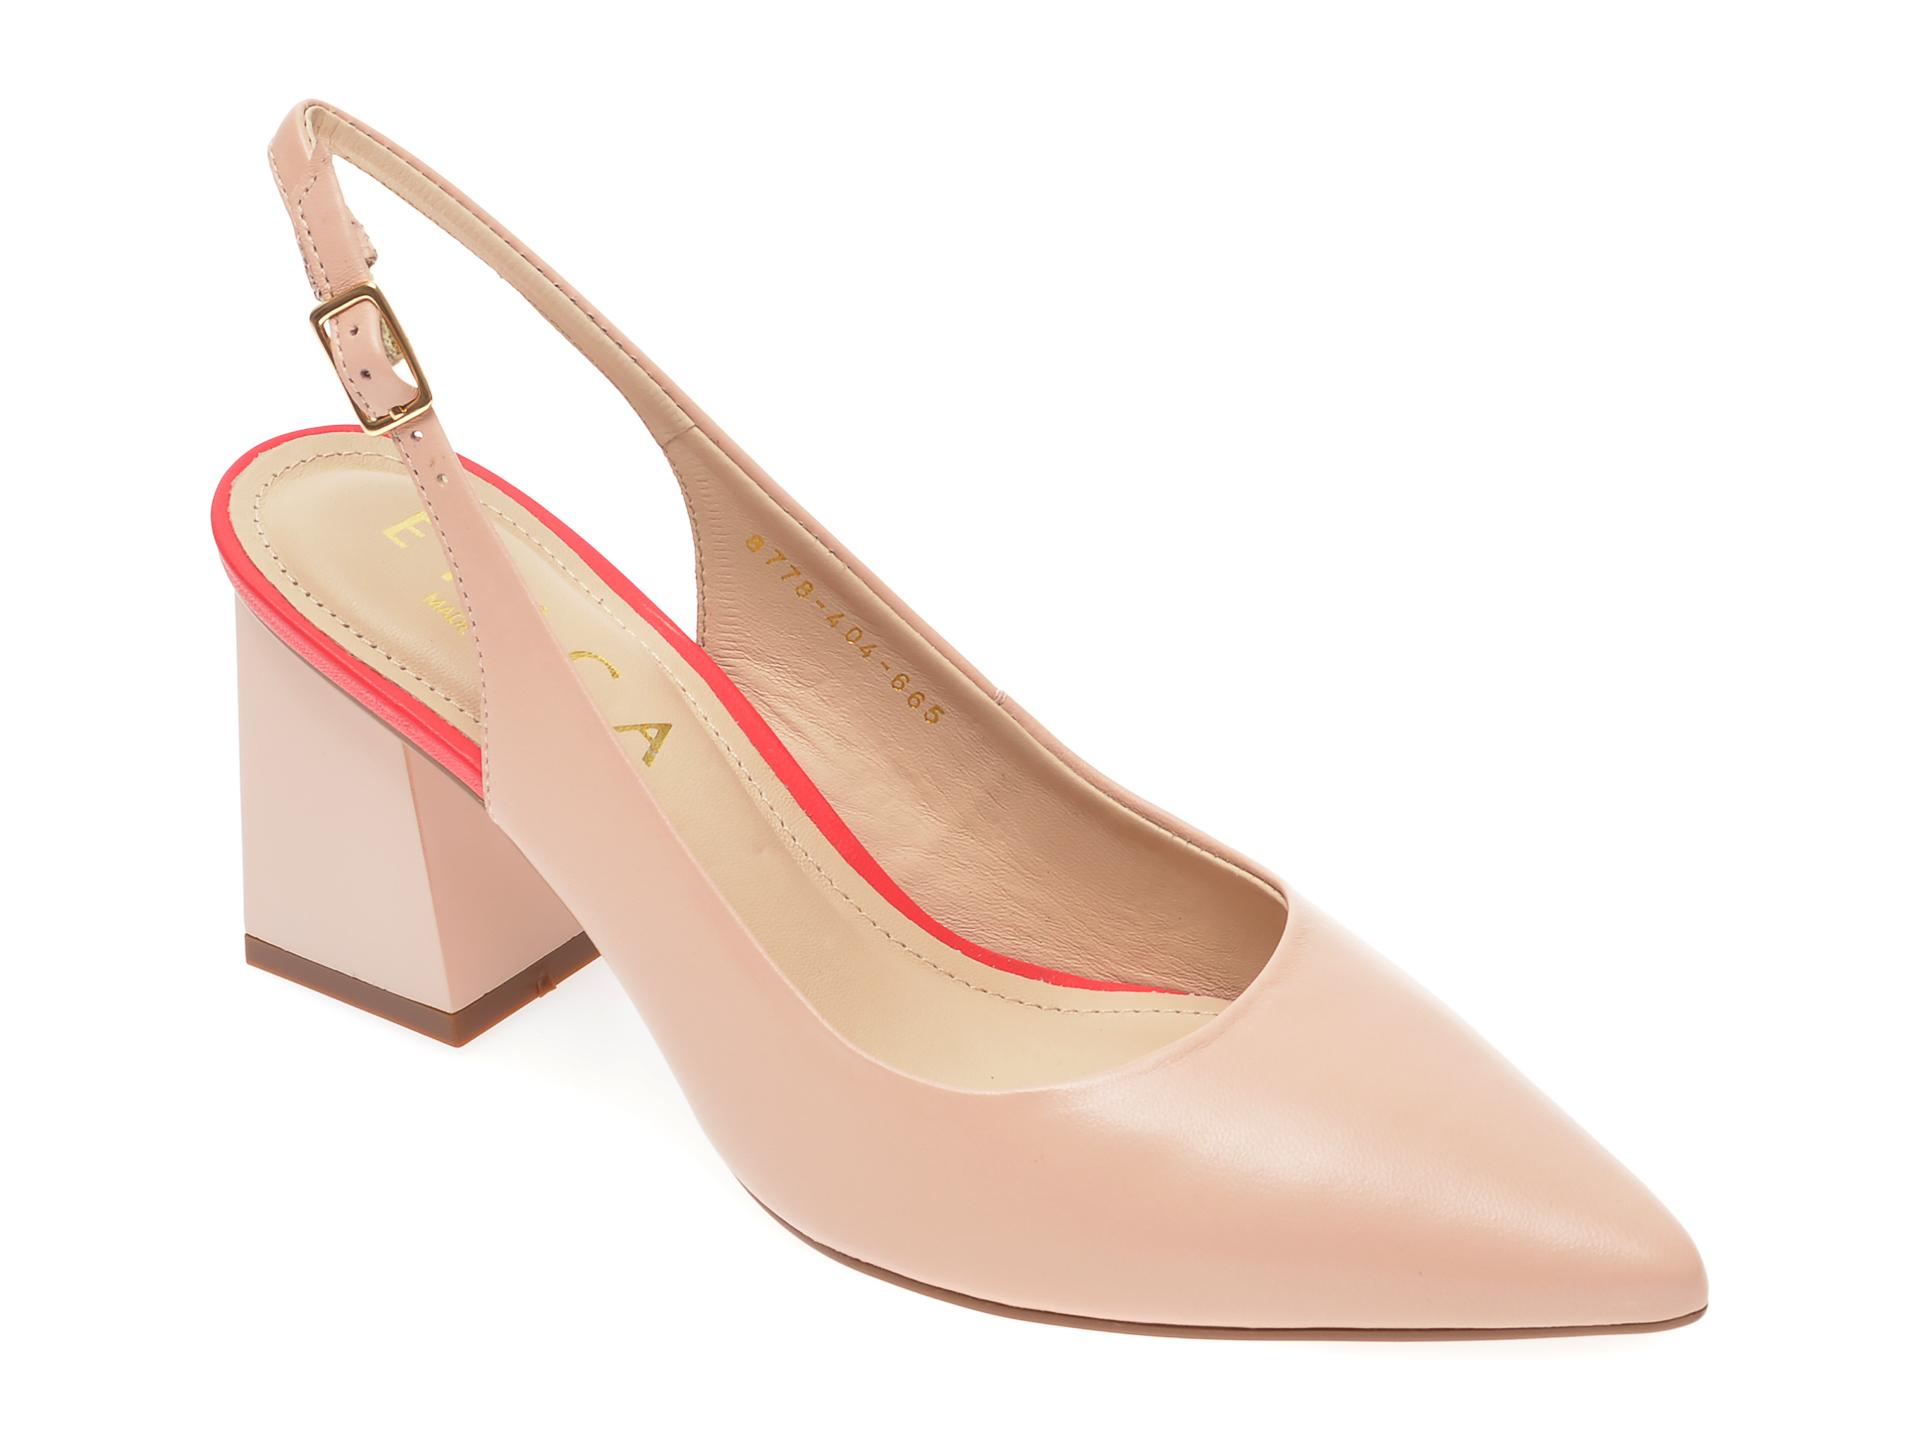 Pantofi EPICA nude, 8778404, din piele naturala New